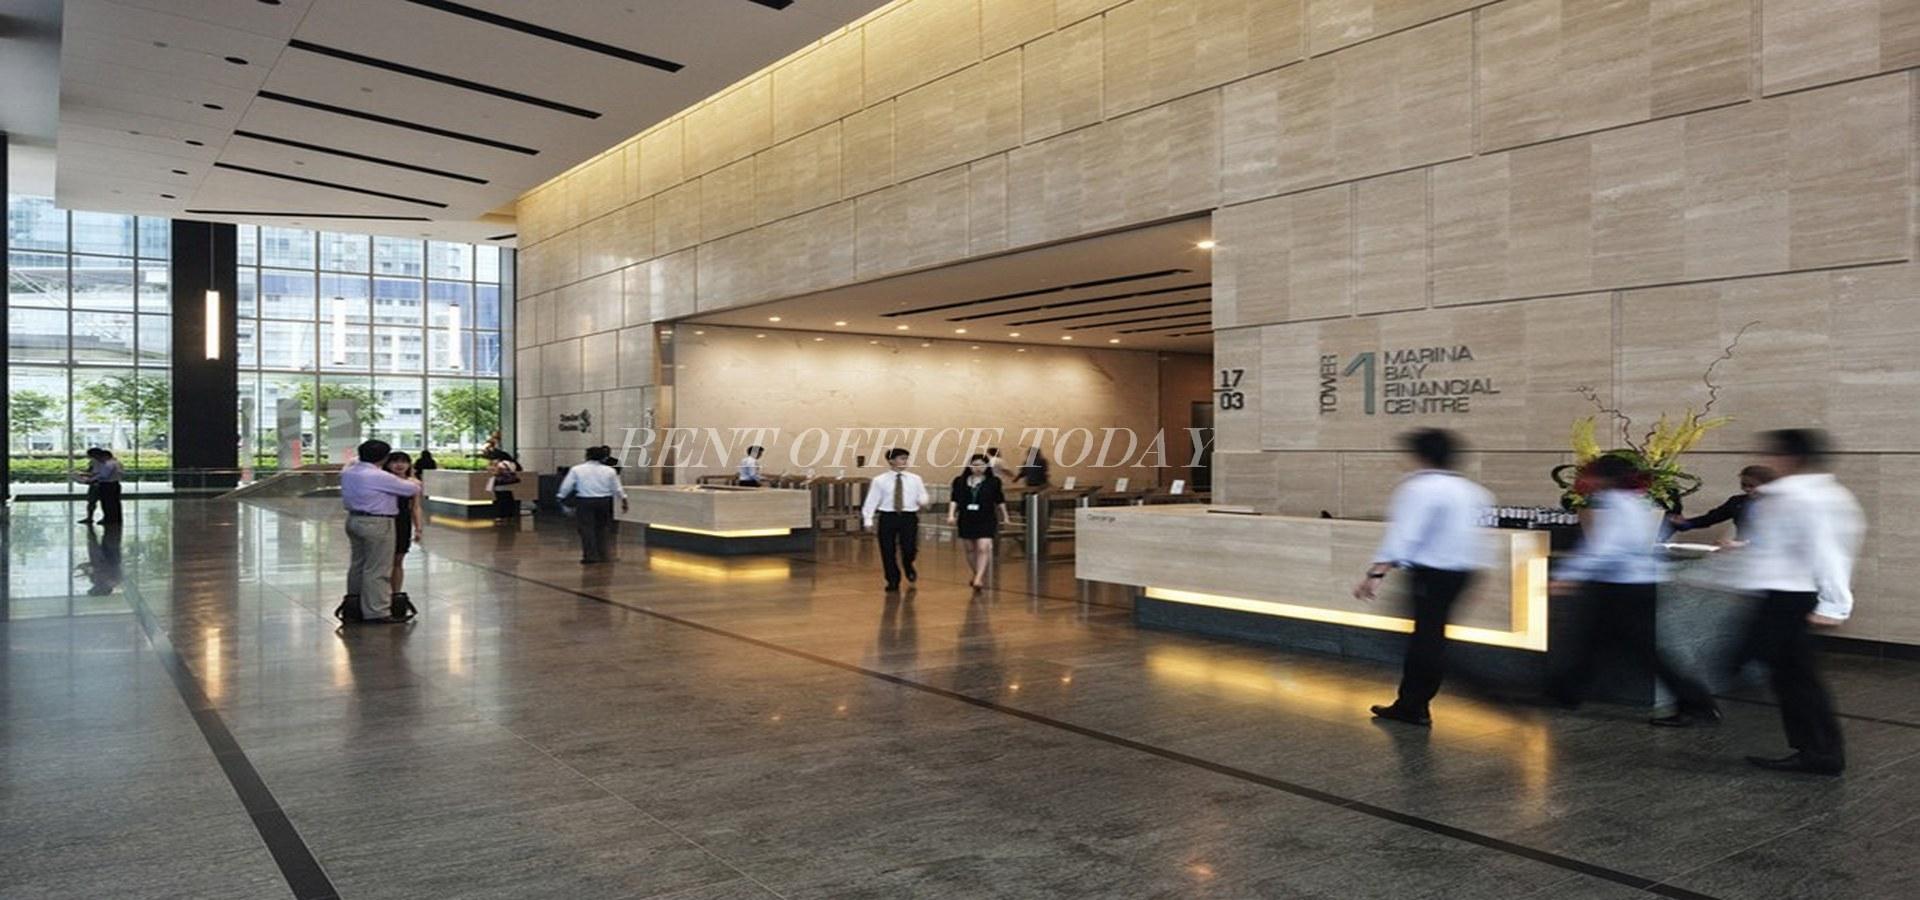 مكتب للايجار marina bay financial centre-11